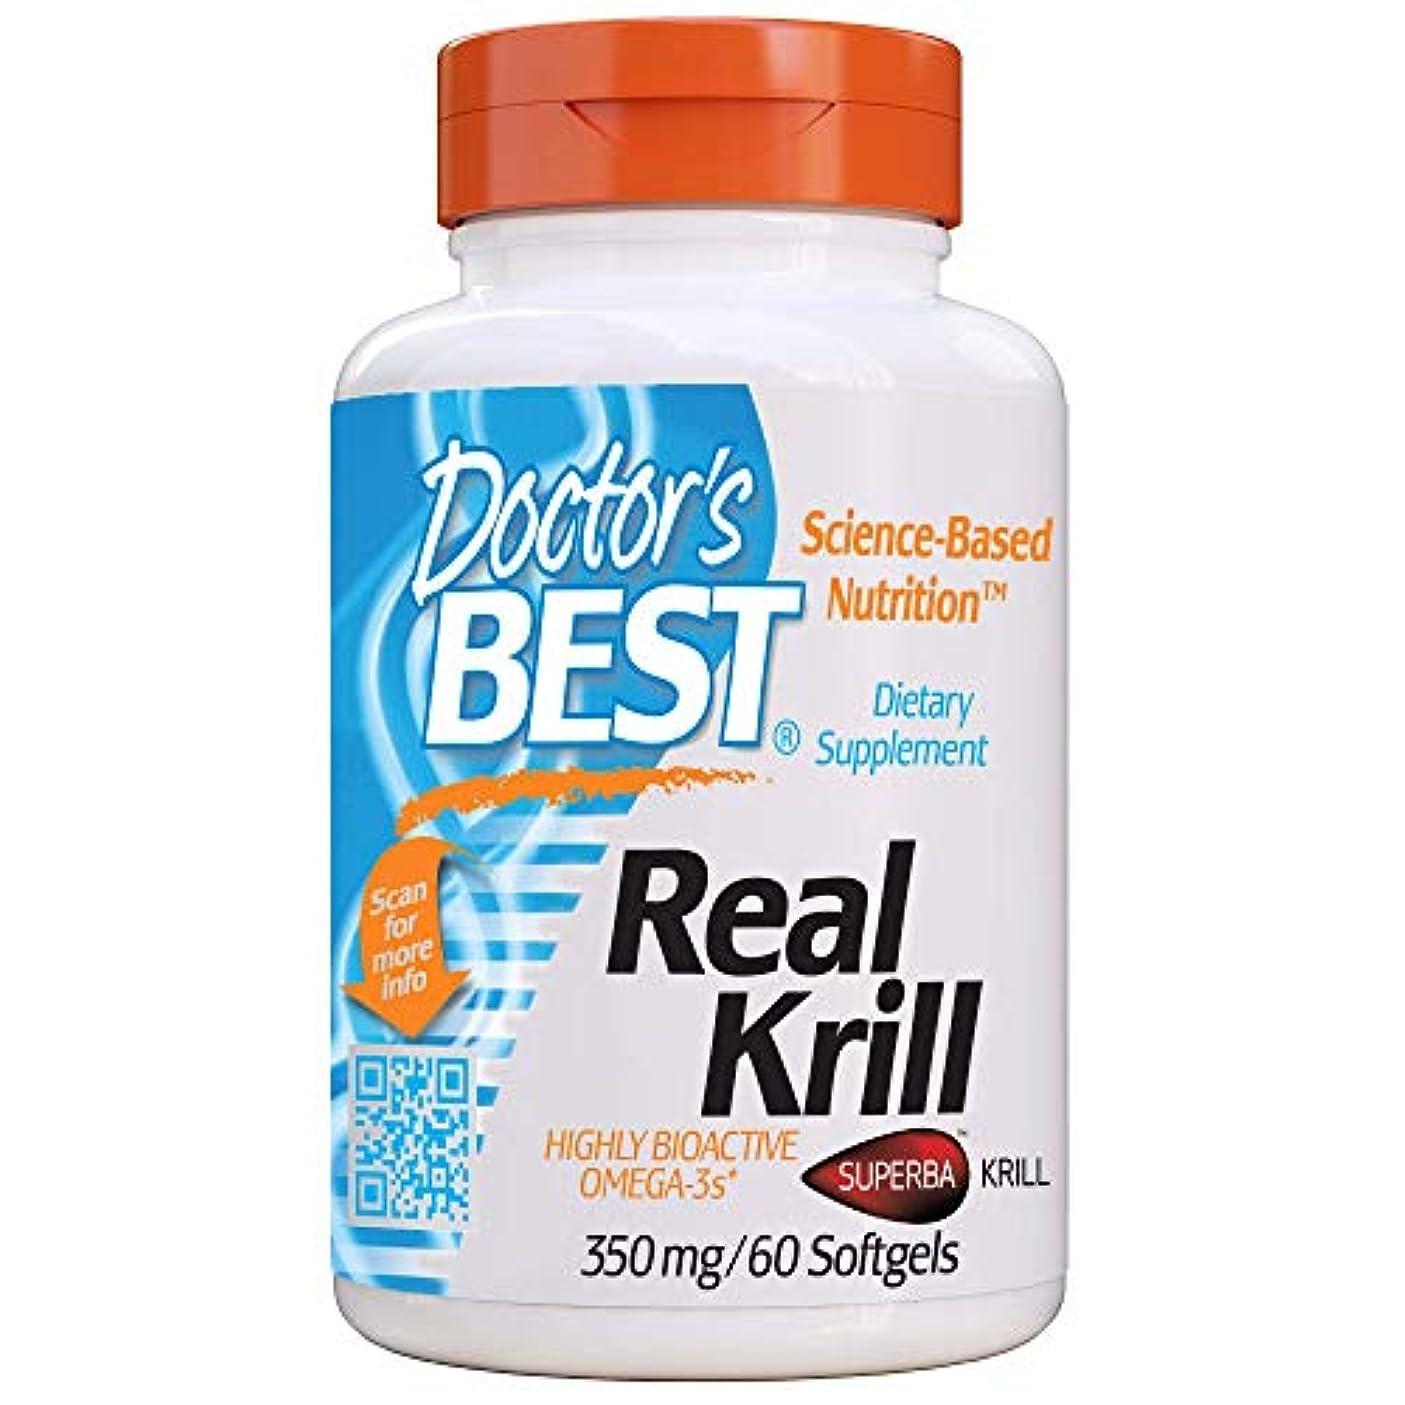 壁コントローラつまらない海外直送品 Doctors Best Real Krill, 60 sofgels